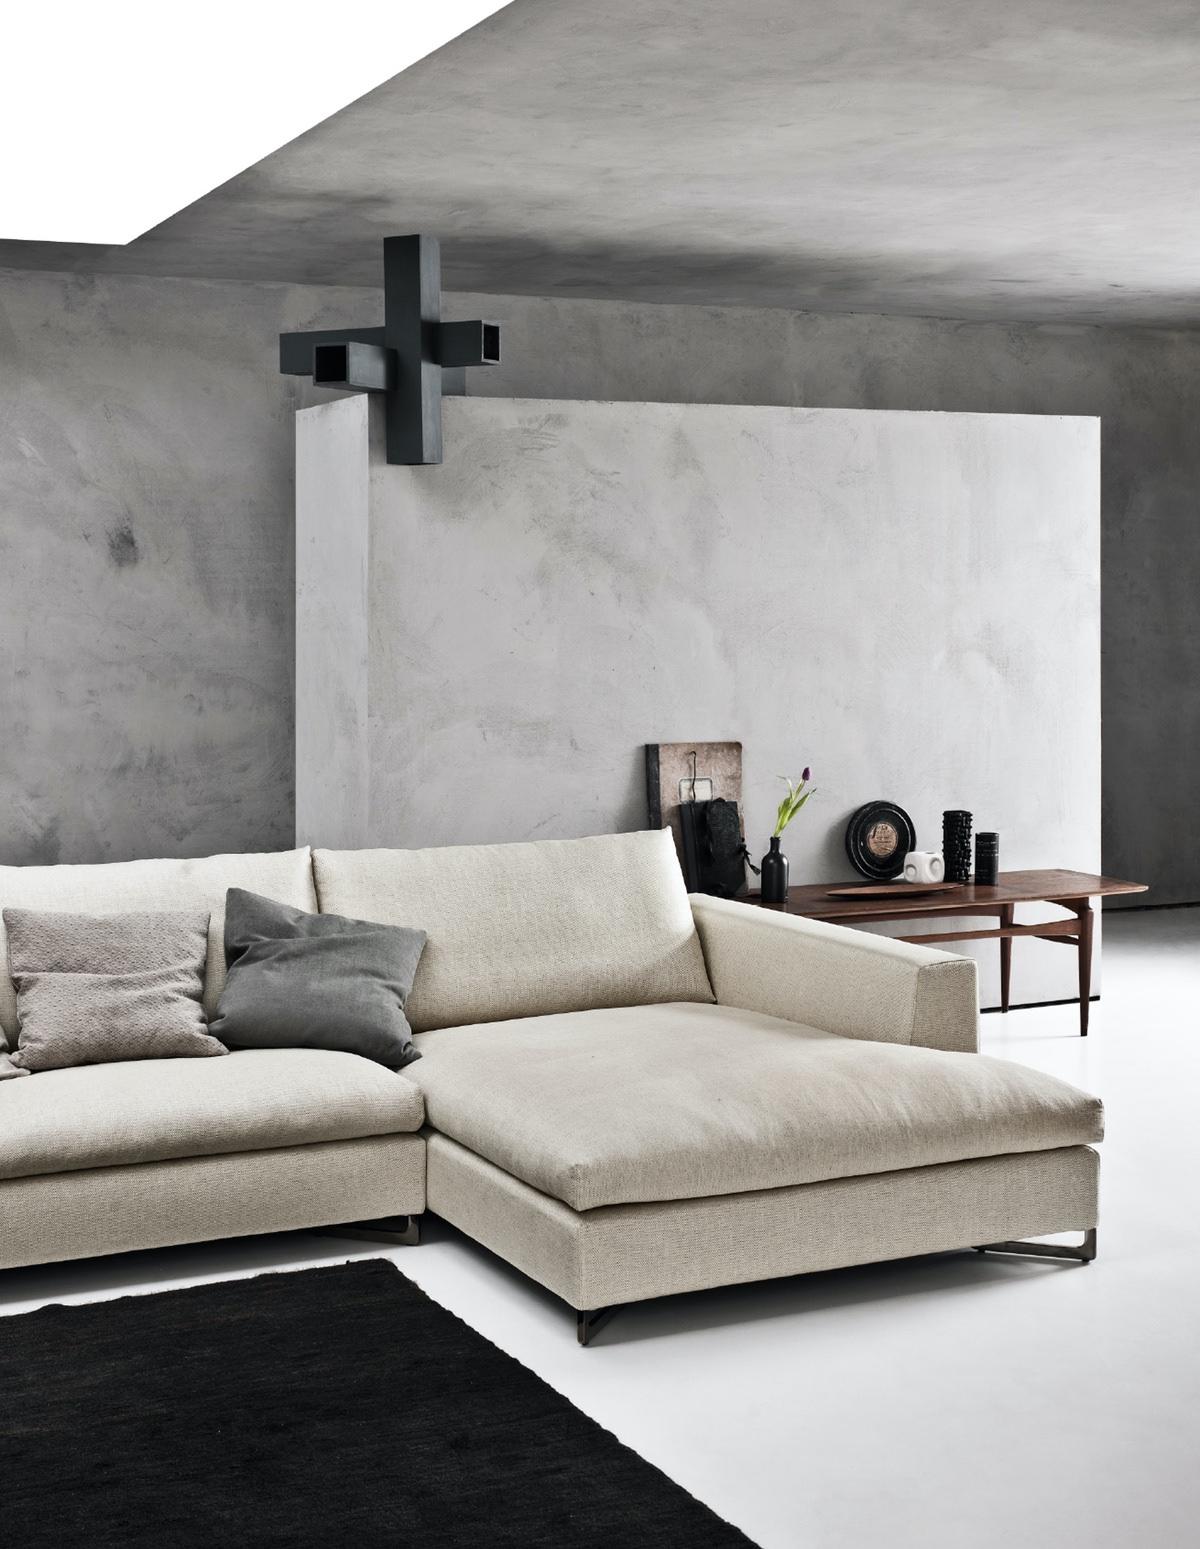 Divani relax design saba italia nologobasic 6 for Divani design italia